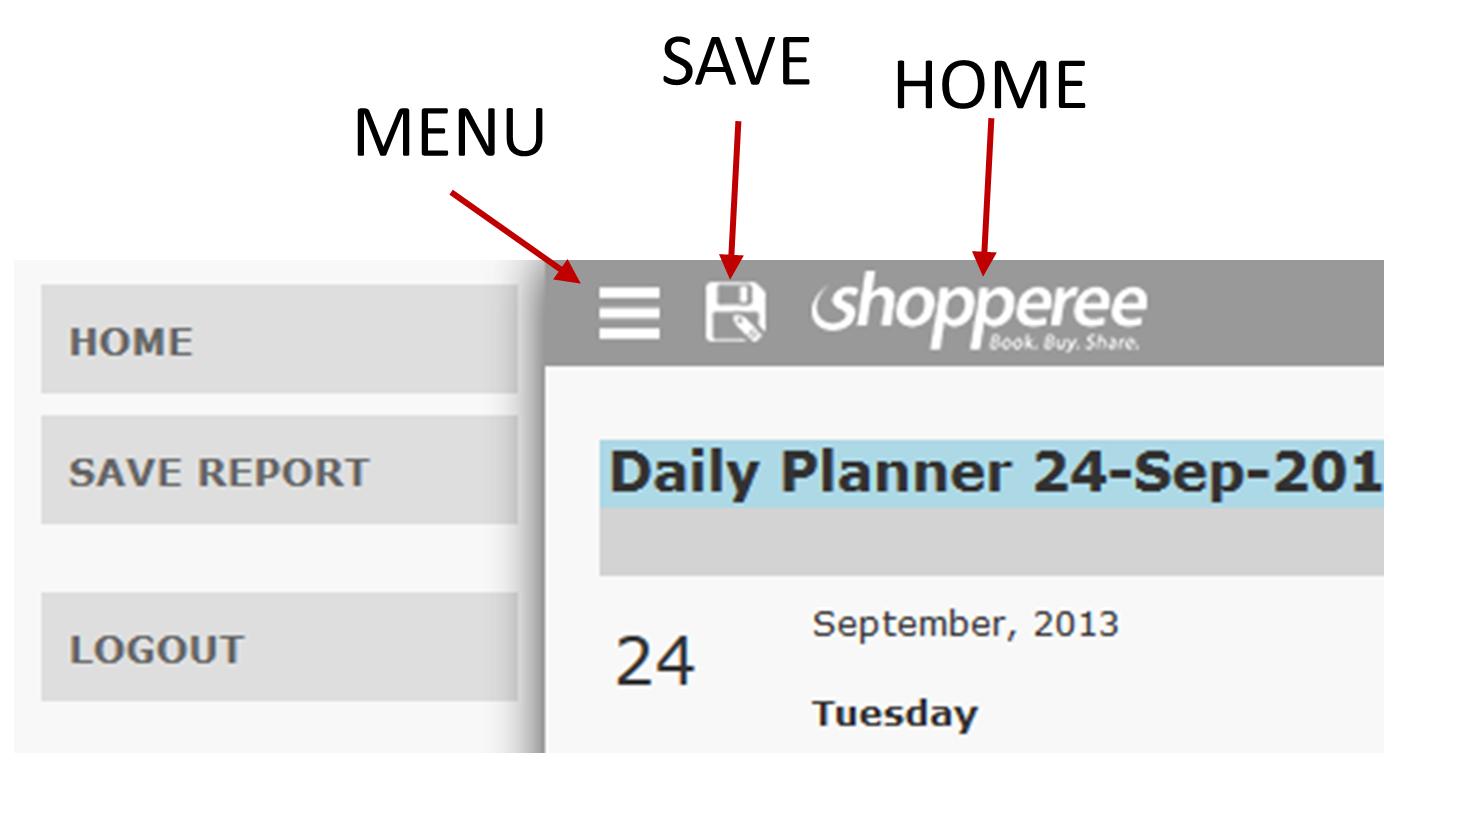 planner_menu.png